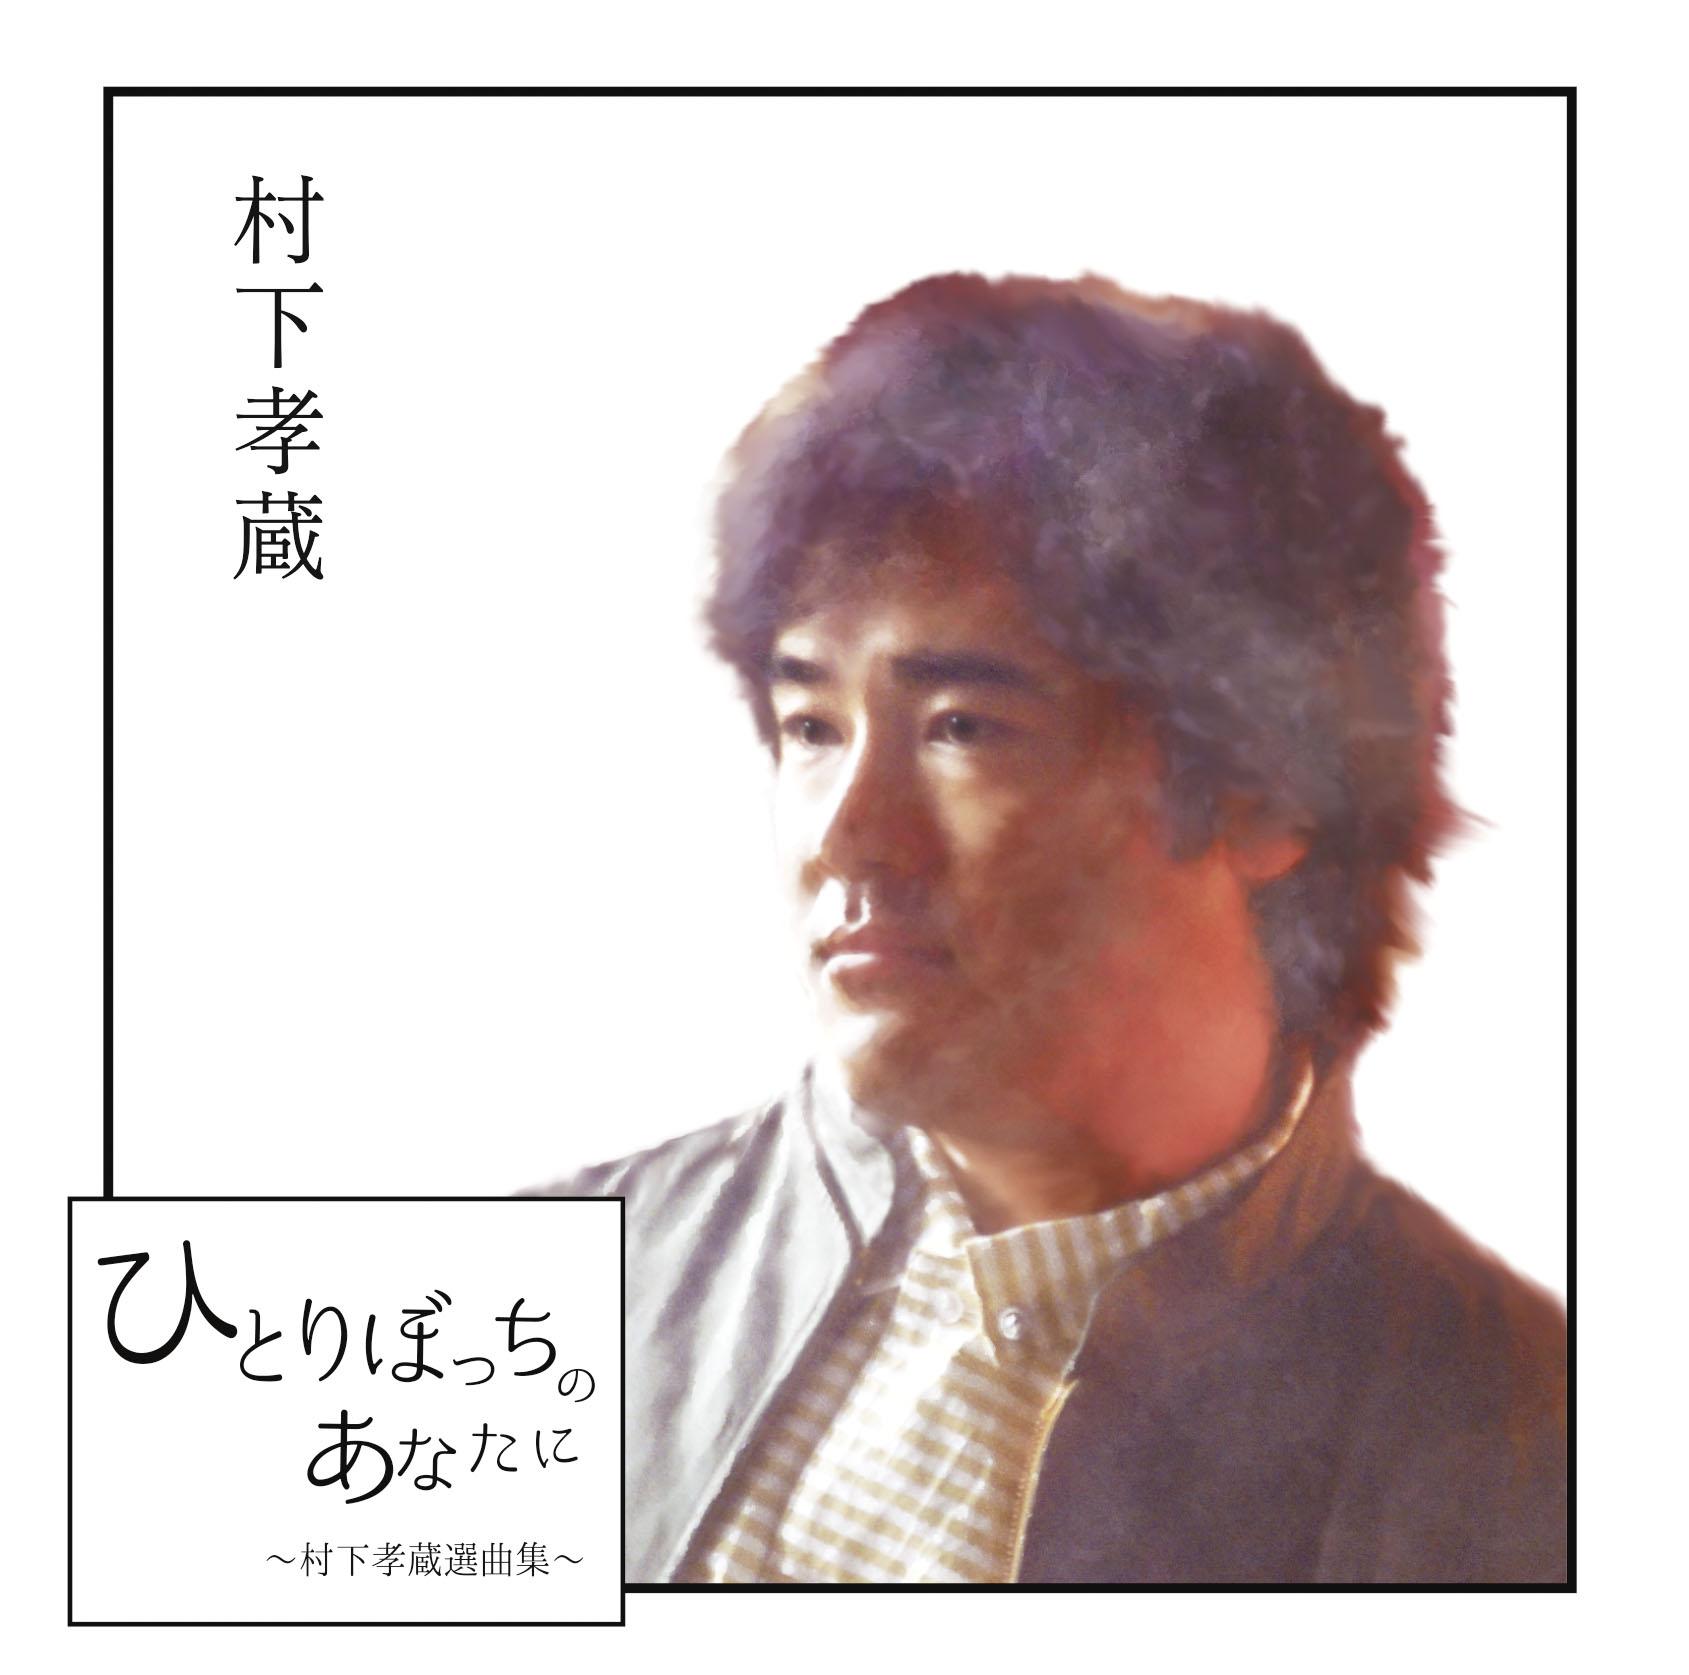 村下孝蔵の画像 p1_9